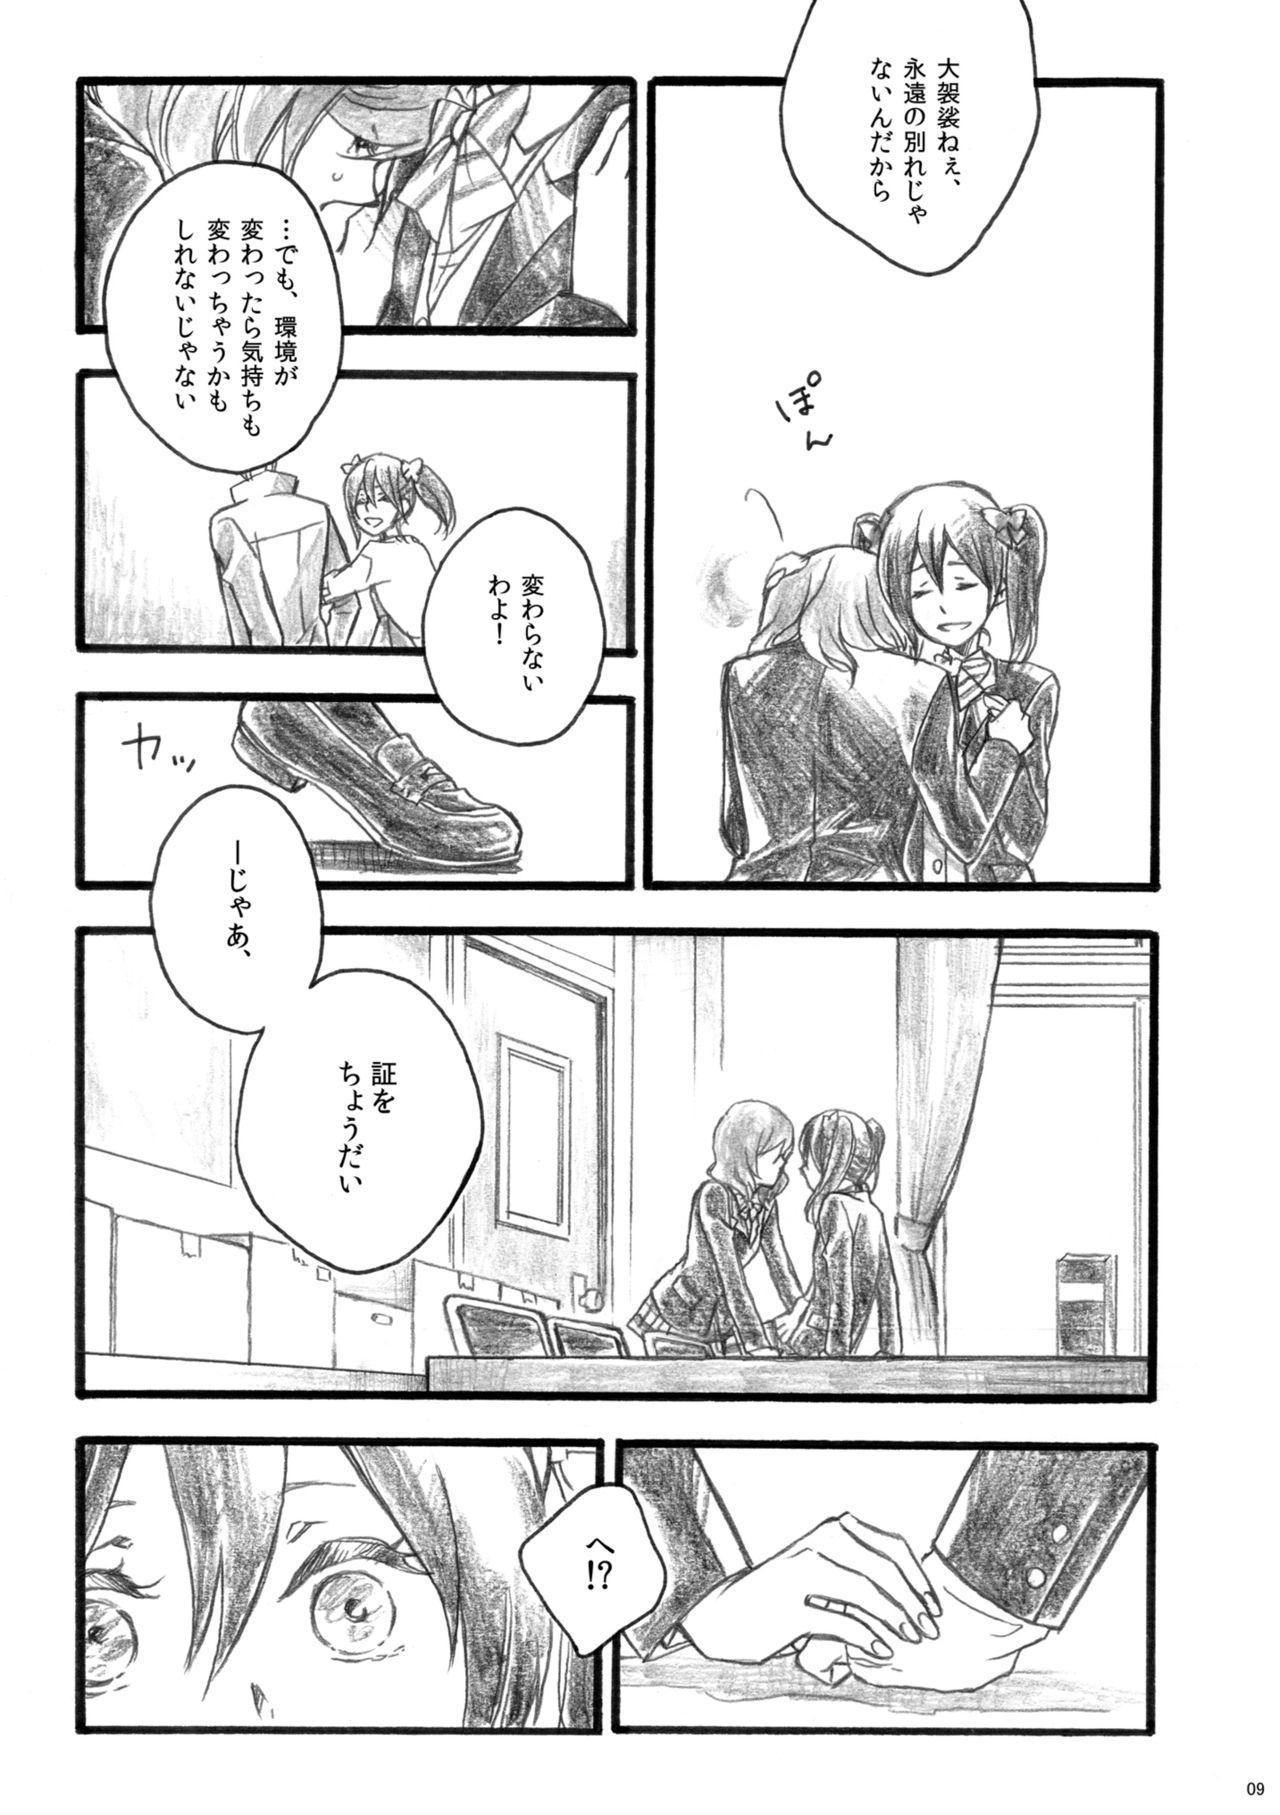 Sakura no ato 8